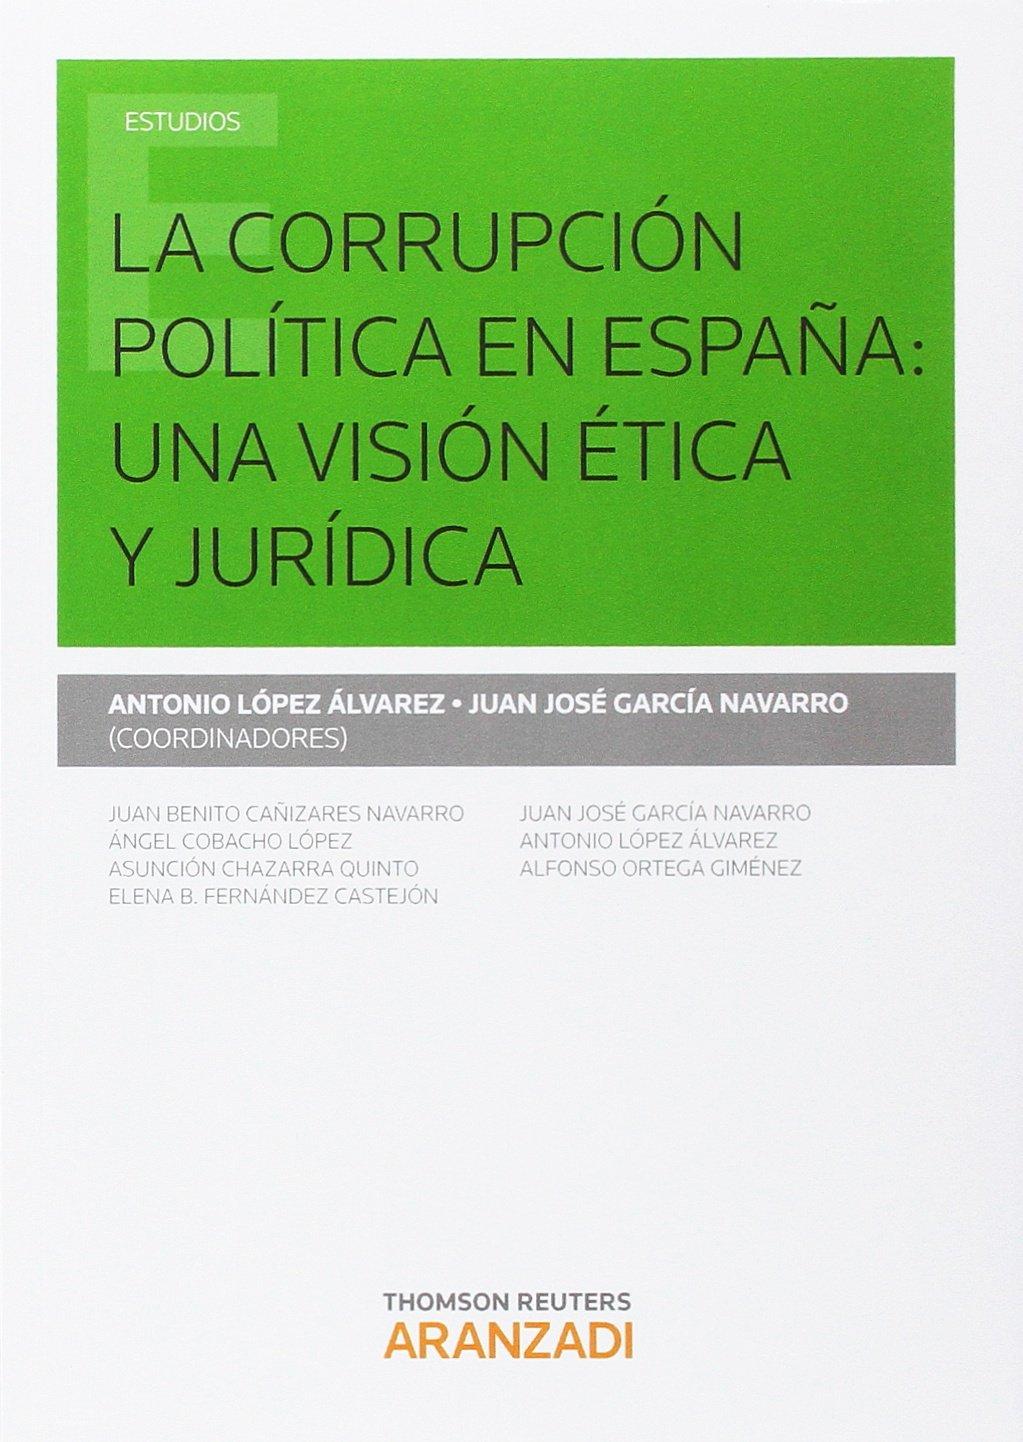 Corrupción política en España,La: una visión ética y jurídica Monografía: Amazon.es: García Navarro, Juan José, López Álvarez, Antonio: Libros